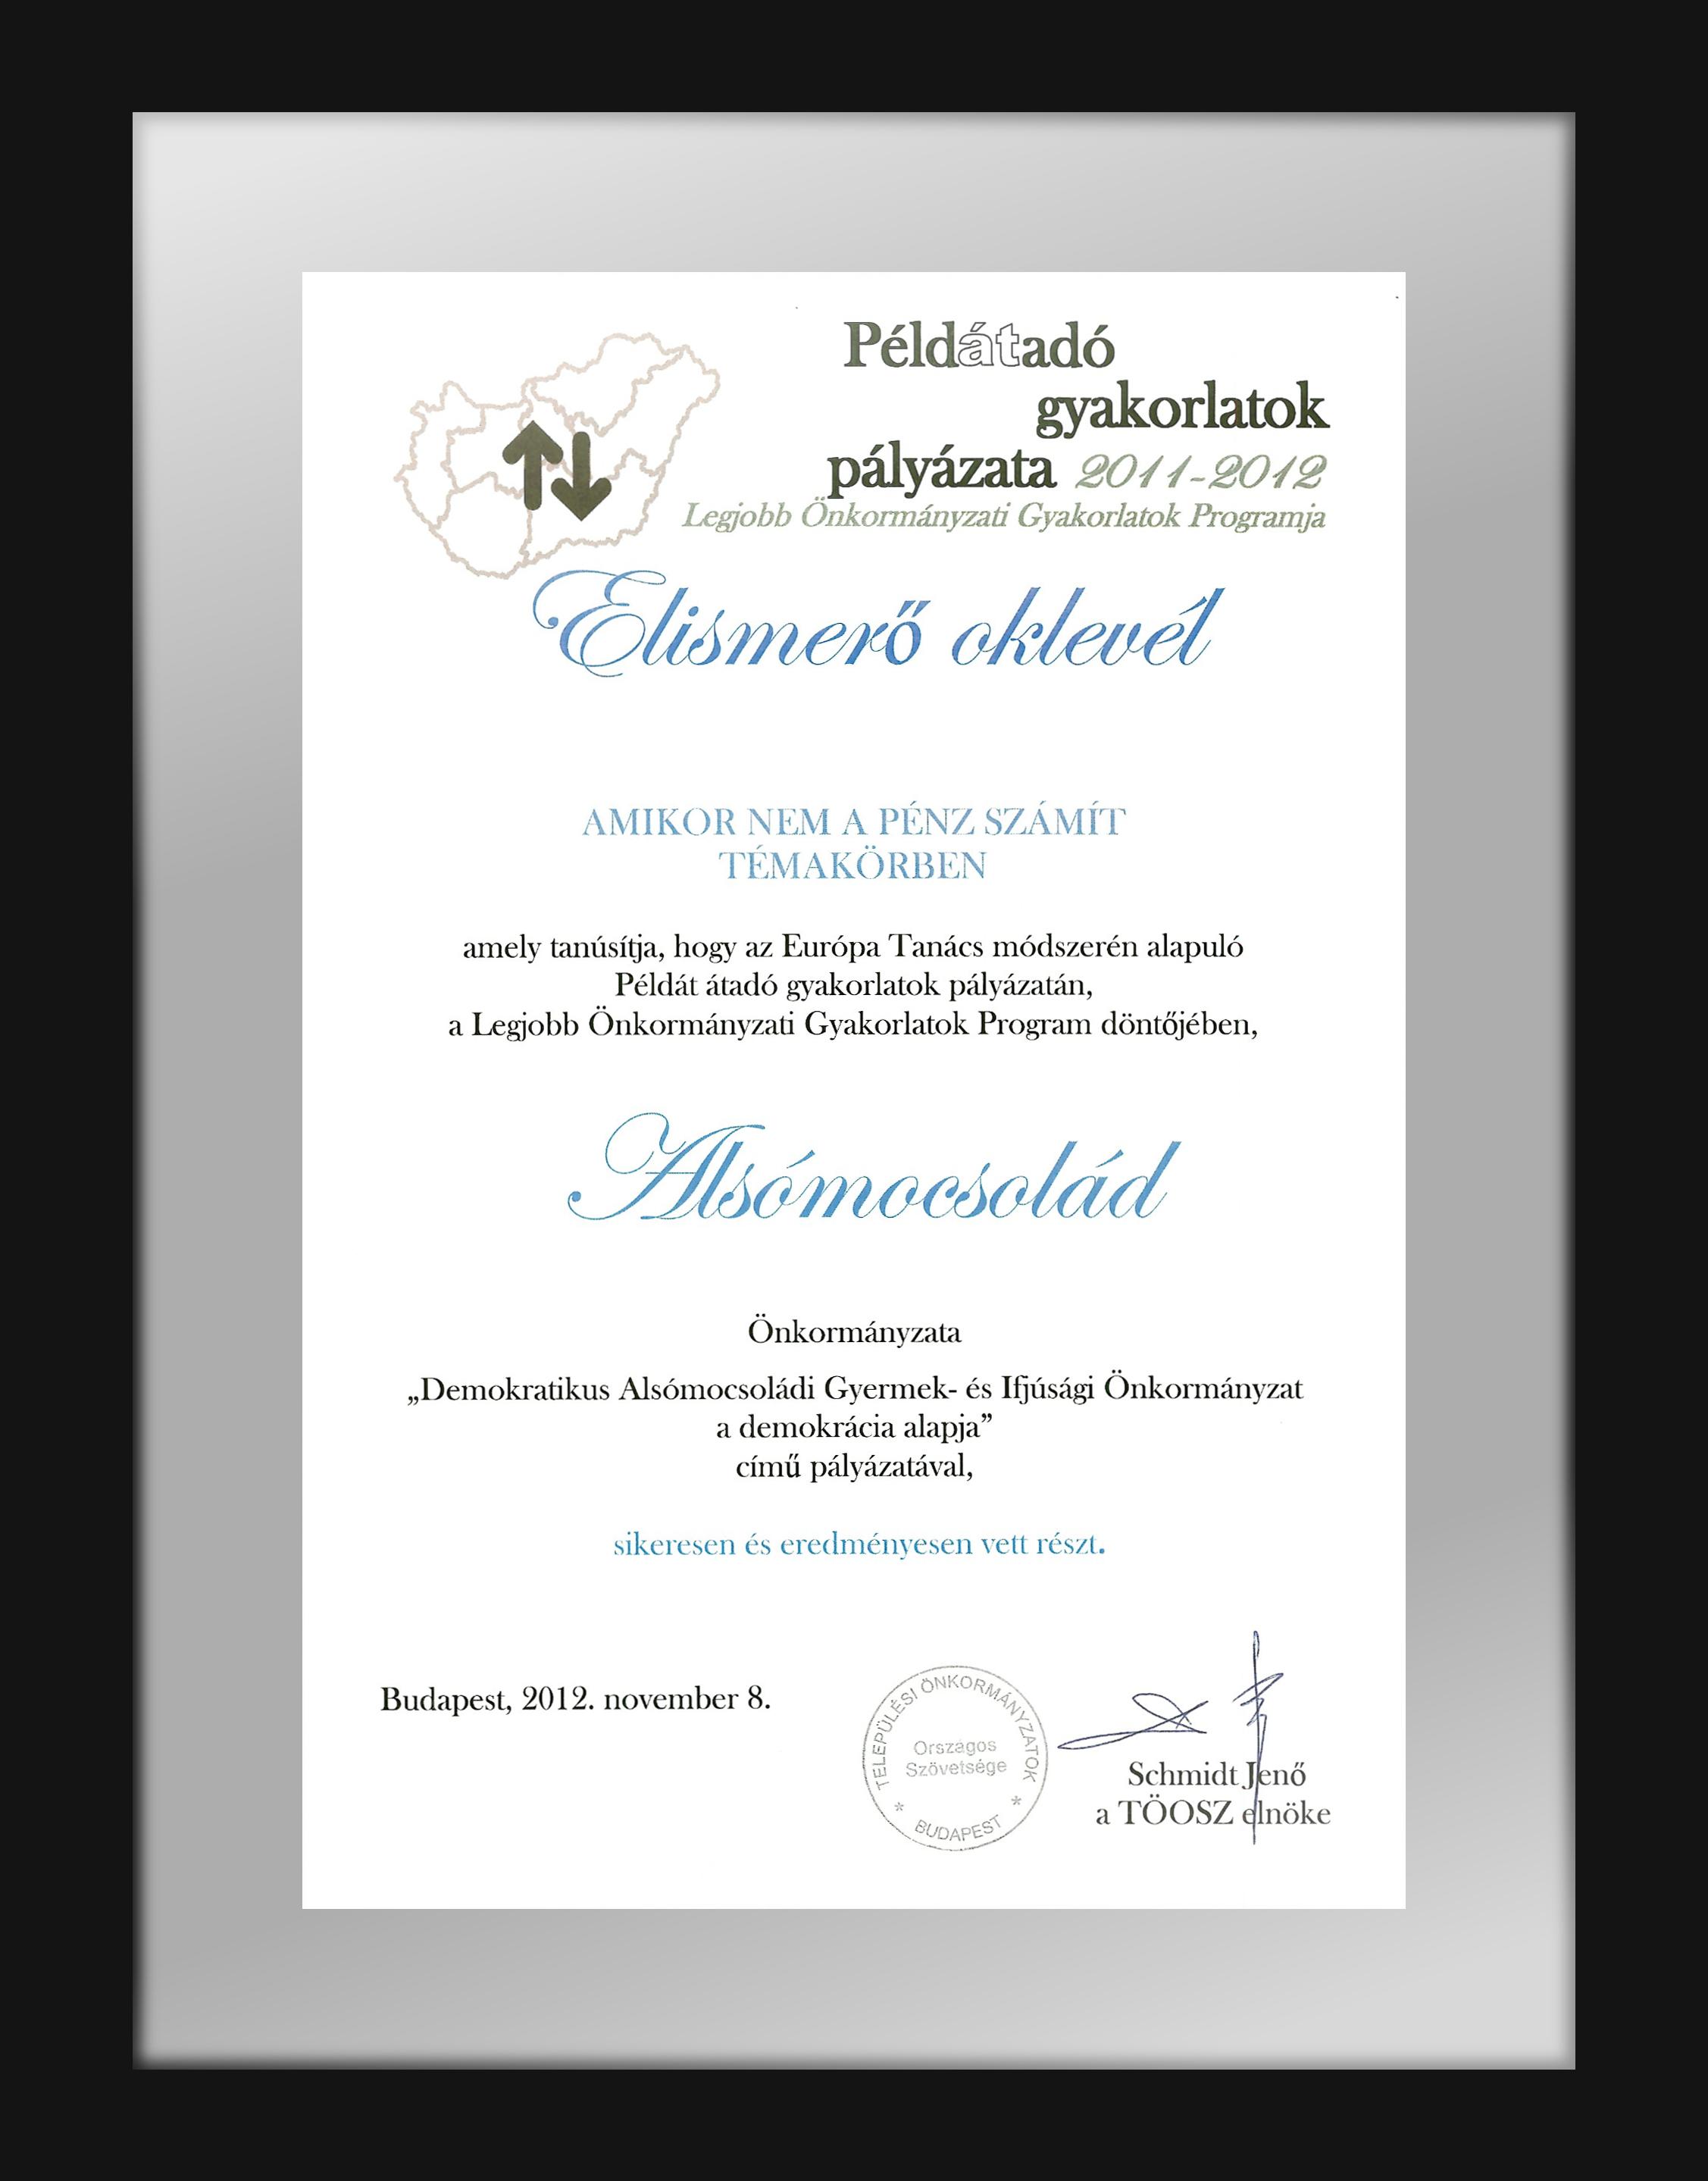 """Elismerő Oklevél """"amikor nem a pénz számít témakörben"""" ...amely tanusítja, hogy az Európa Tanács módszerén alapuló Példát átadó gyakorlatok pályázatán, Alsómocsolád önkormányzata sikeresen és eredményesen vett részt... : Budapest, 2012.11.08. Schmidt Jenő a TÖOSZ elnöke"""